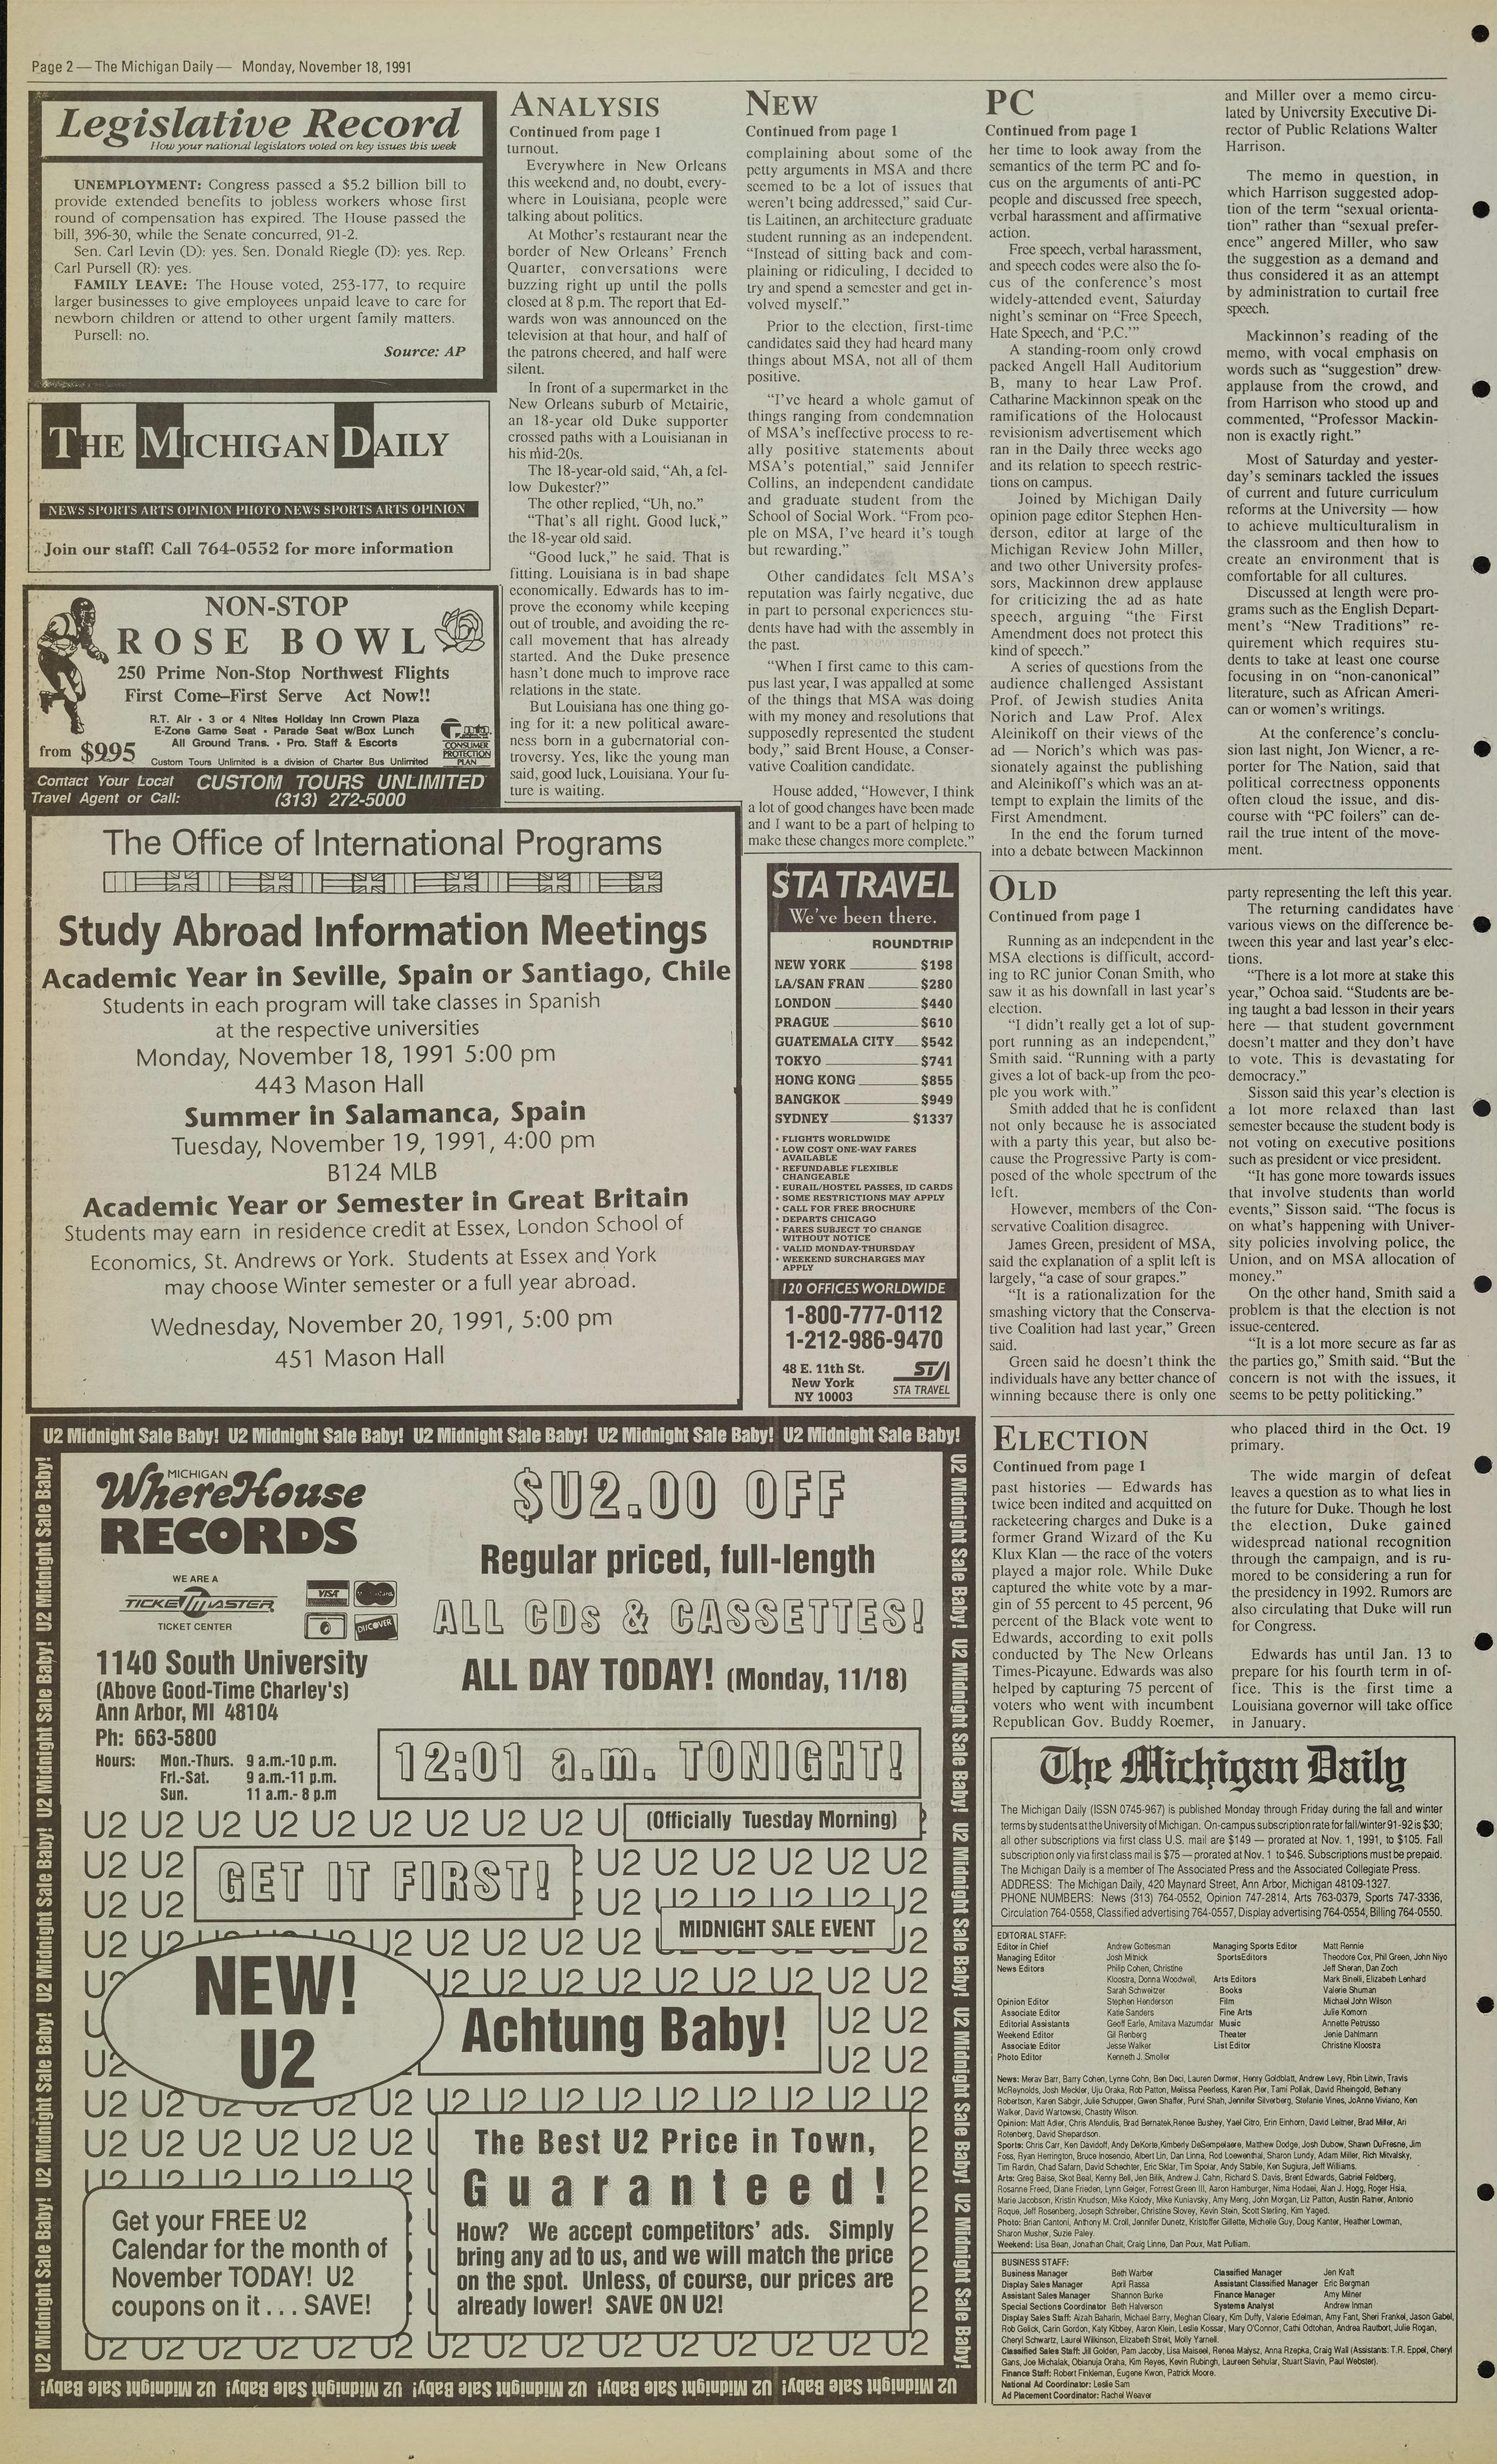 Michigan Daily Digital Archives - November 18, 1991 (vol